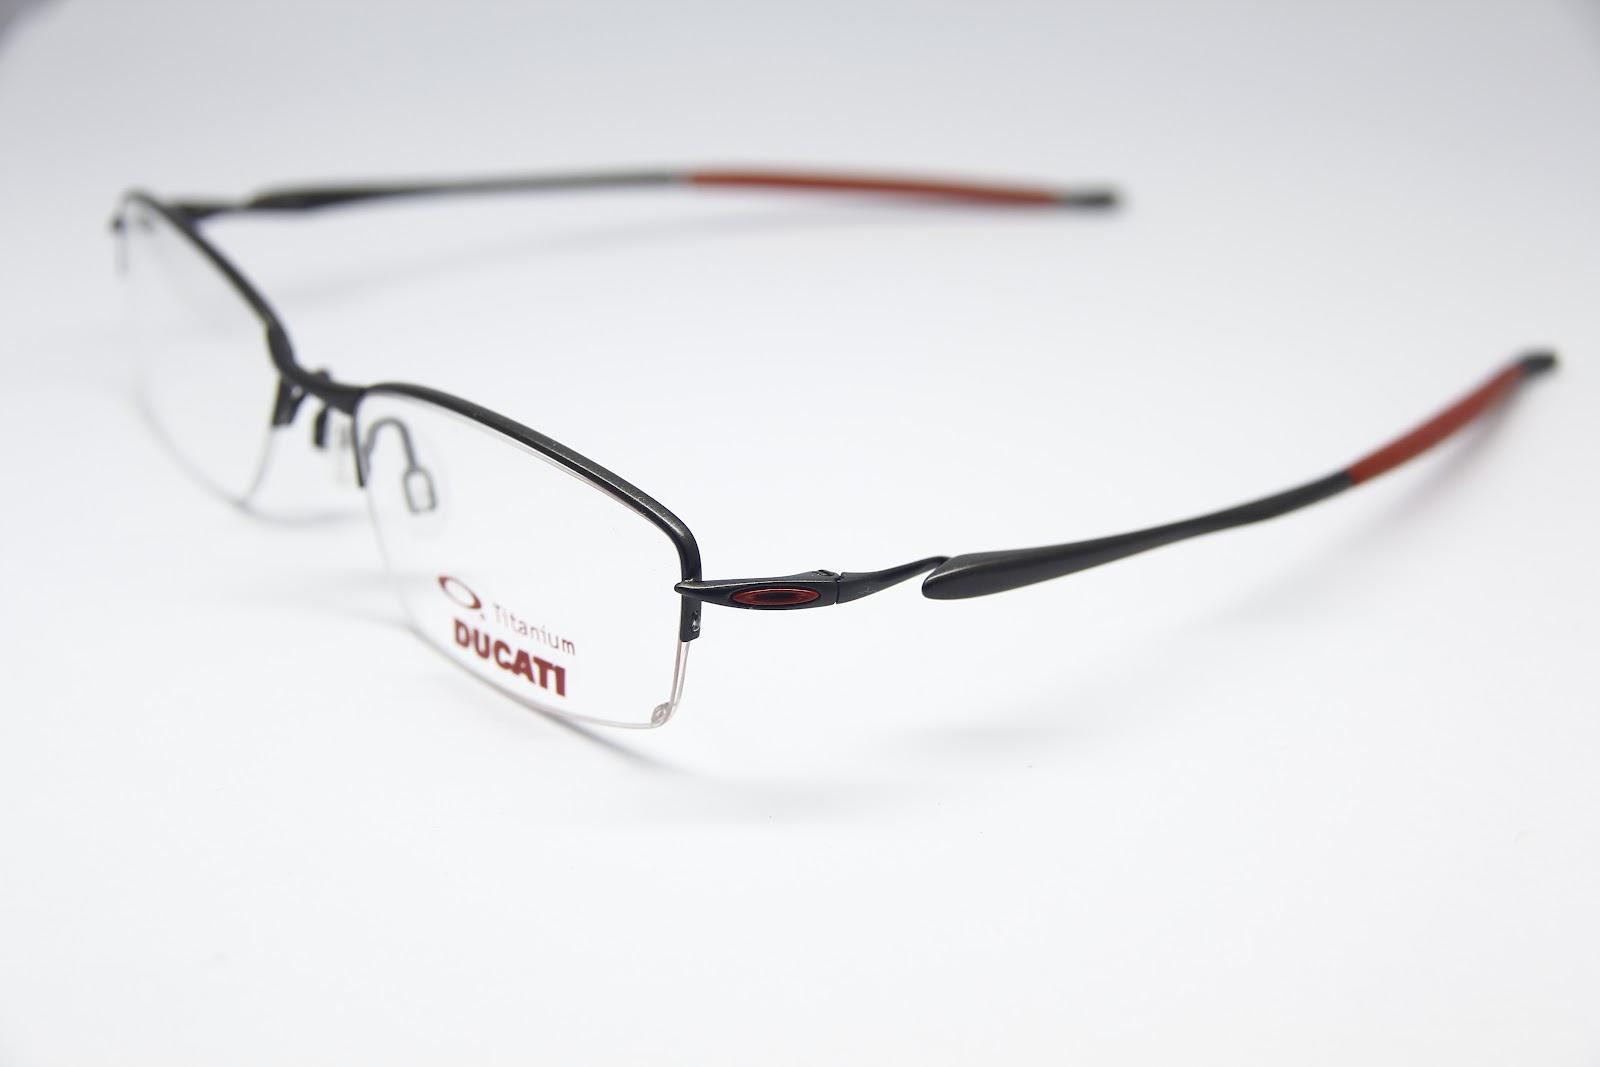 c17b9fa8839ab Oakley Ducati Prescription Glasses « Heritage Malta